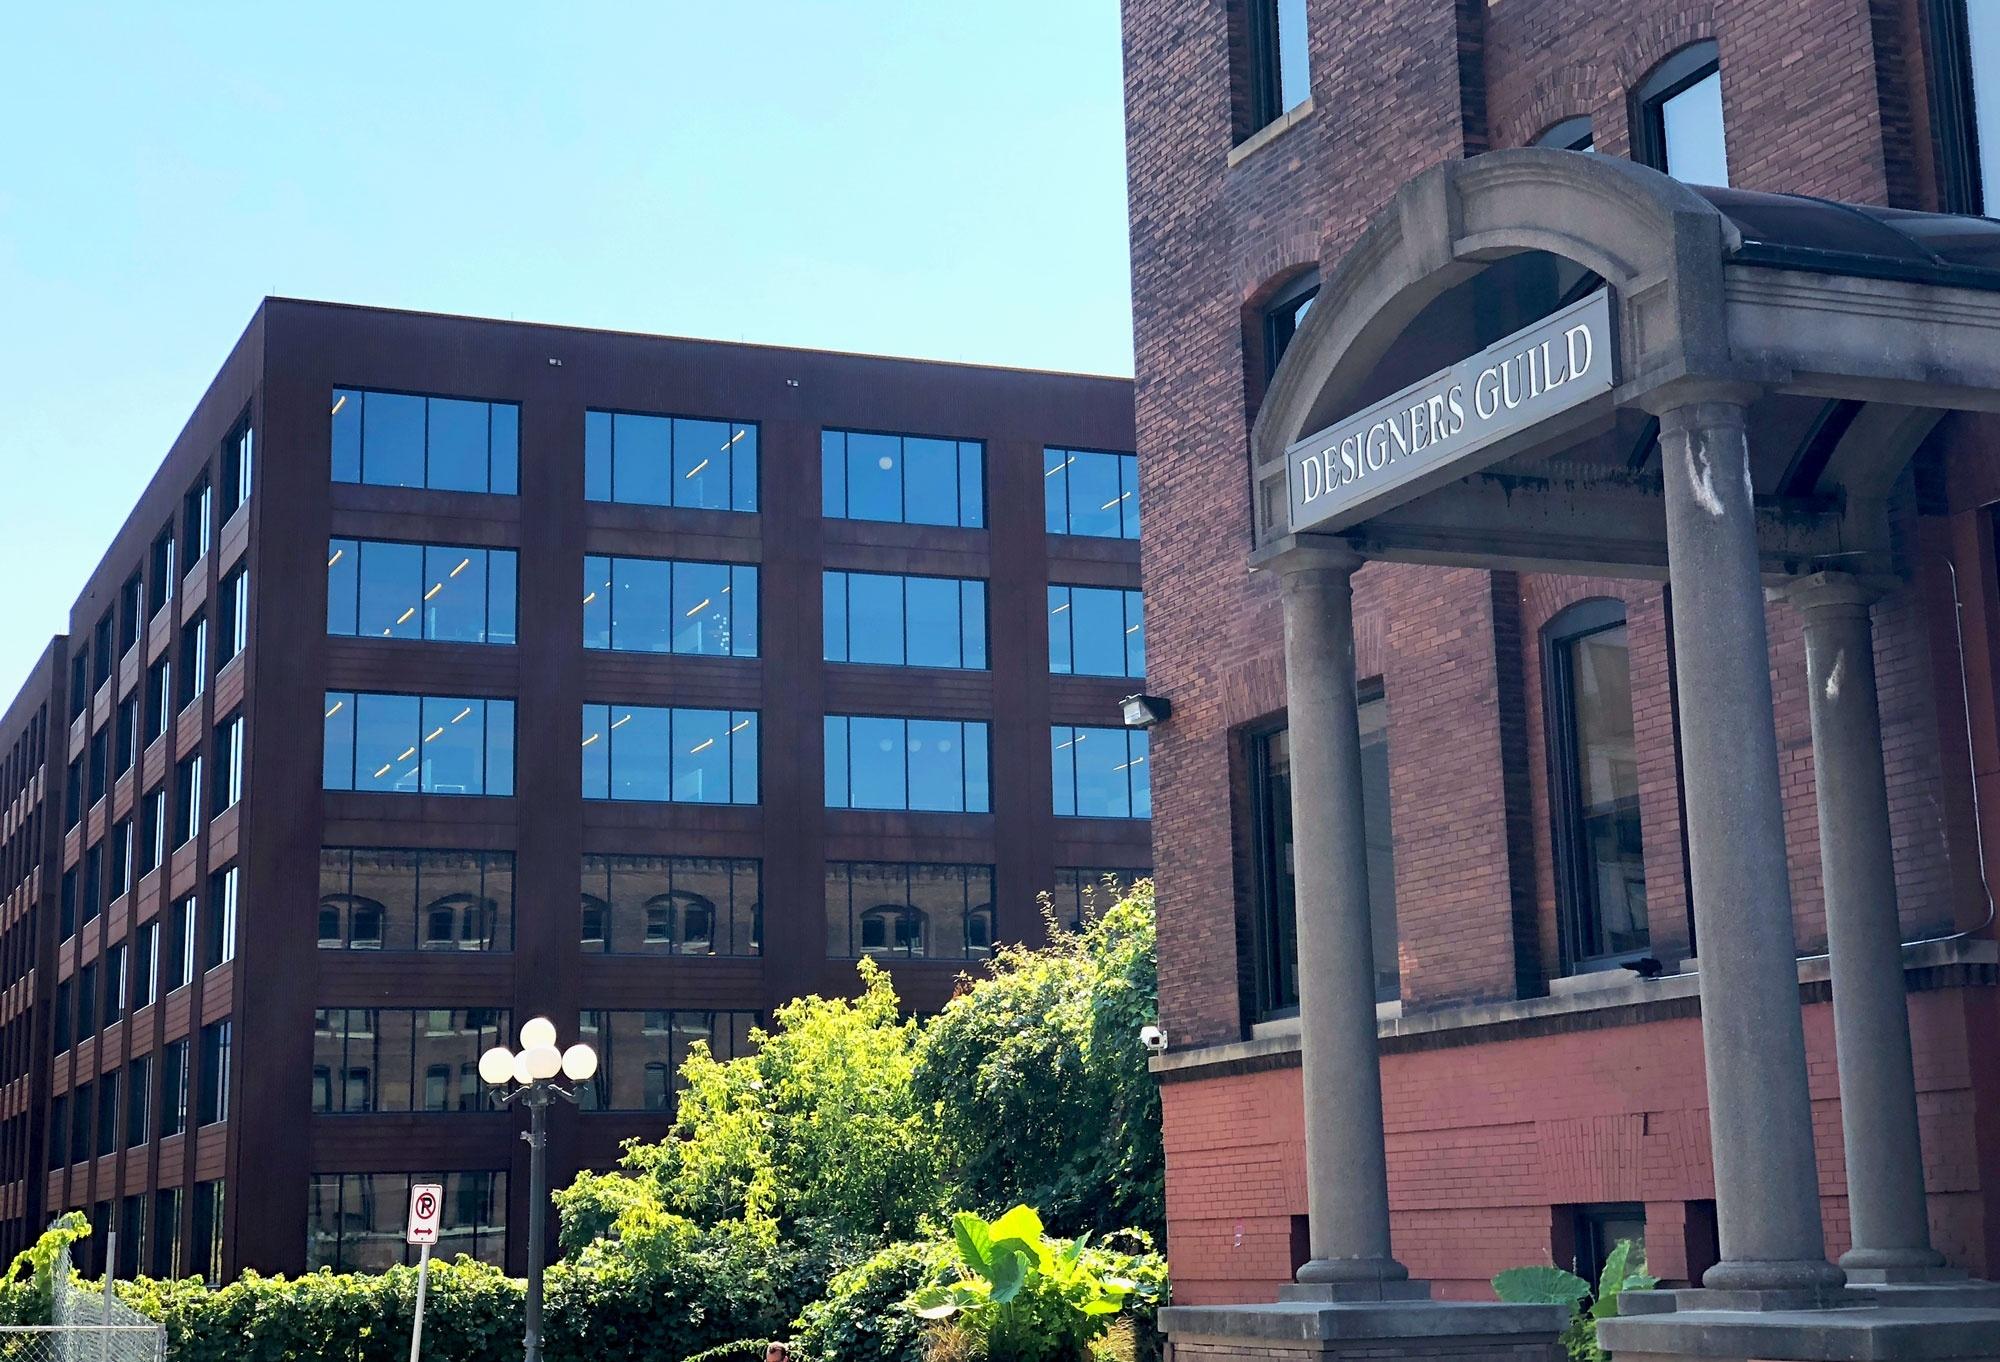 The Designer's Guild Building front entrance